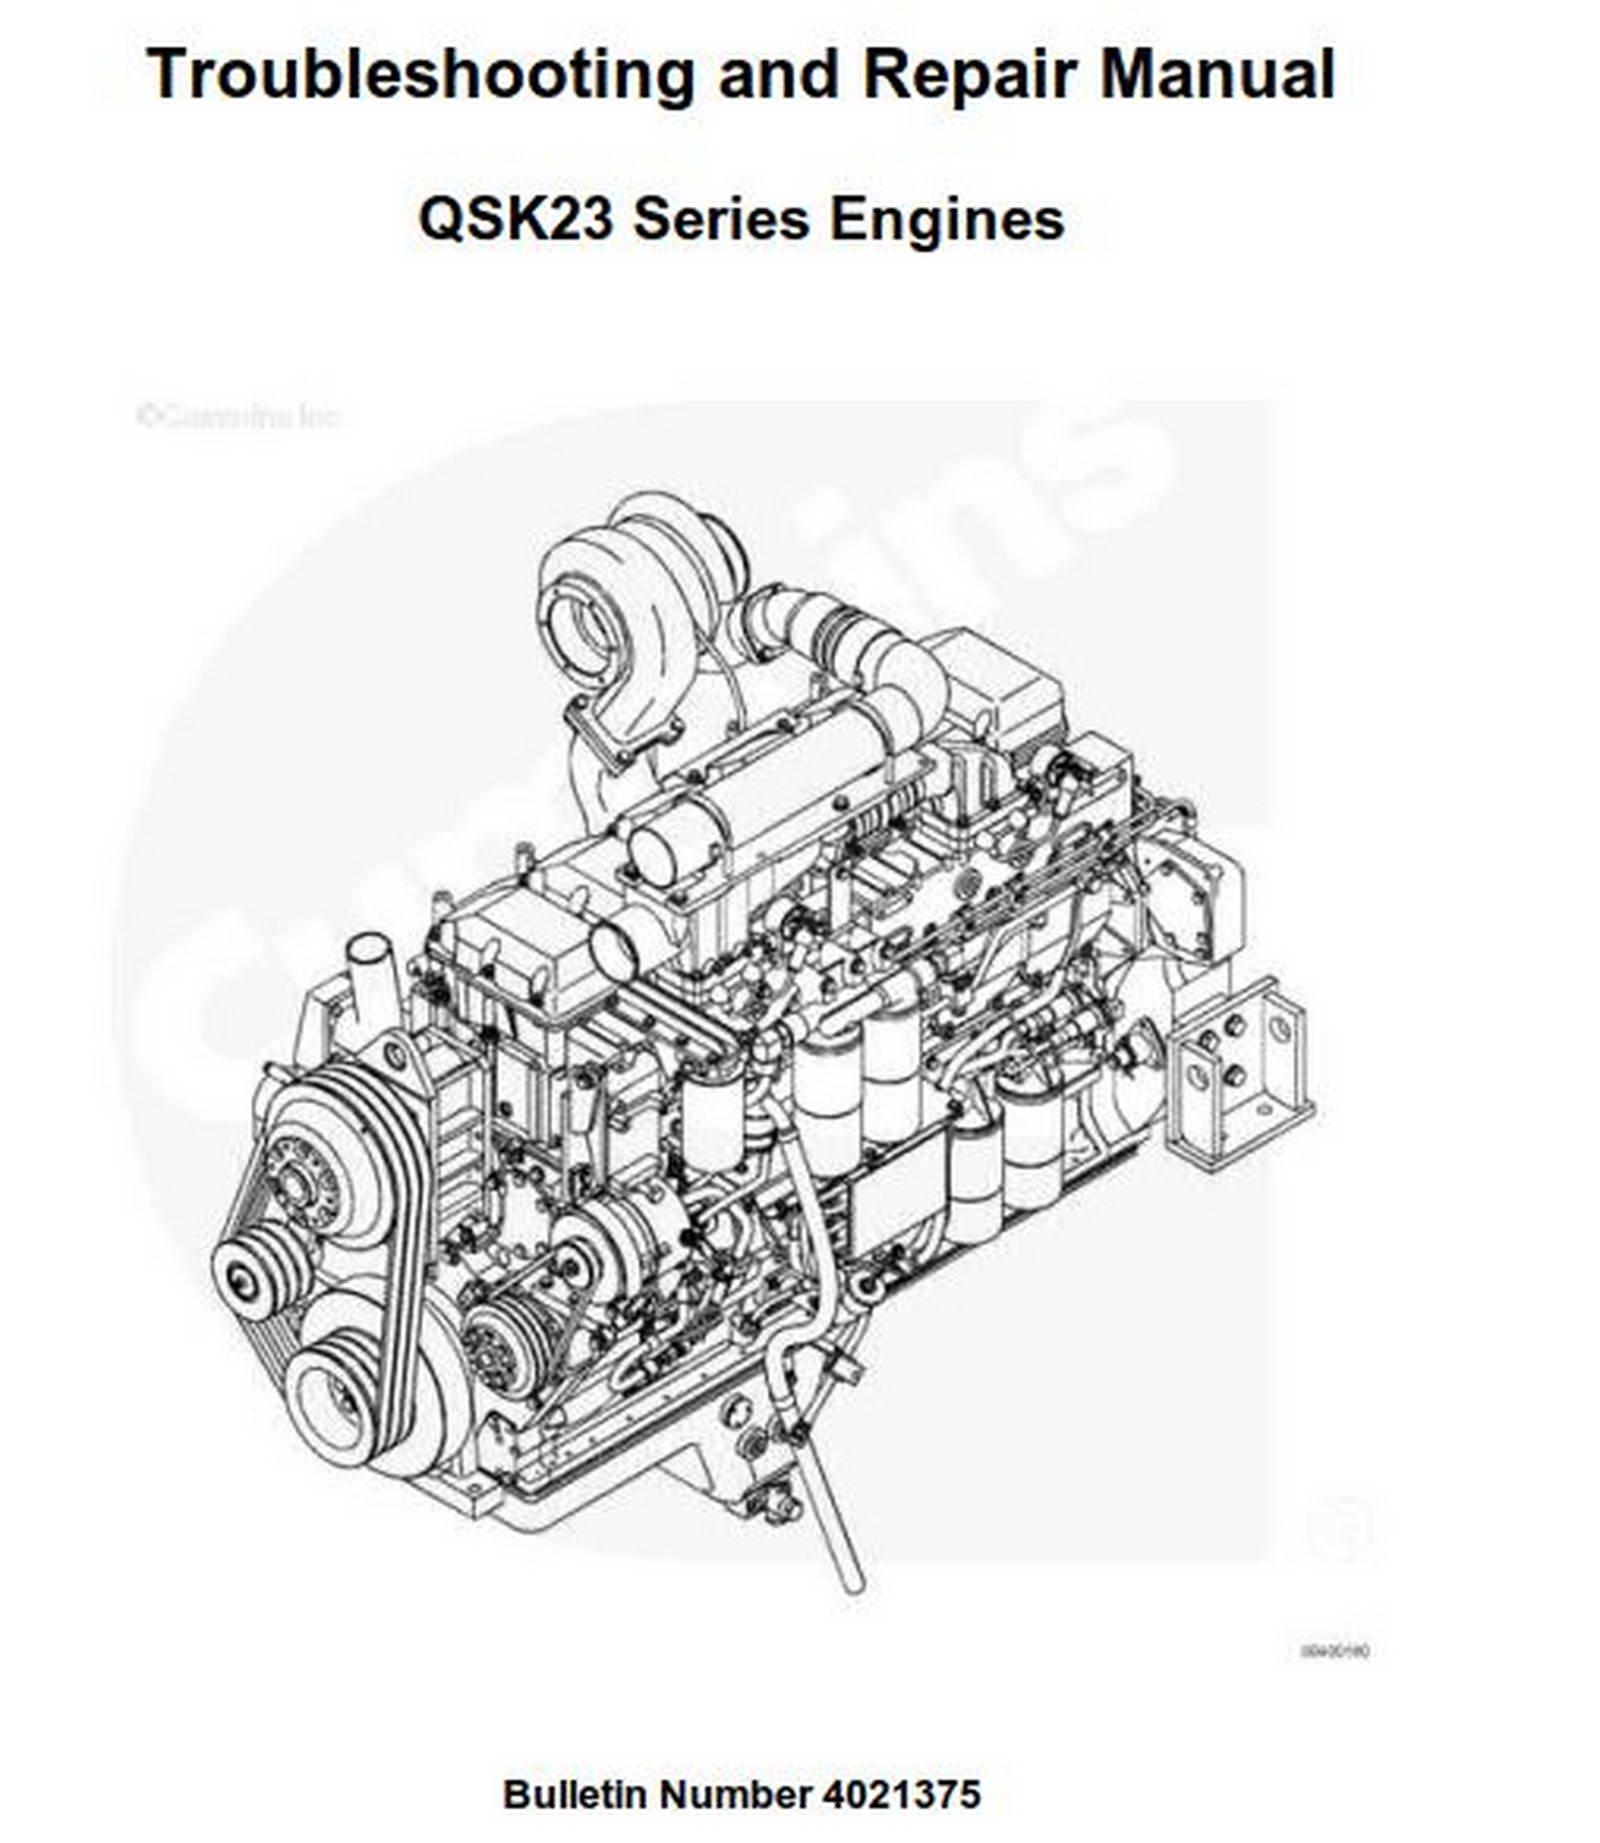 Cummins QSK23 Series Engines Troubleshooting and Repair